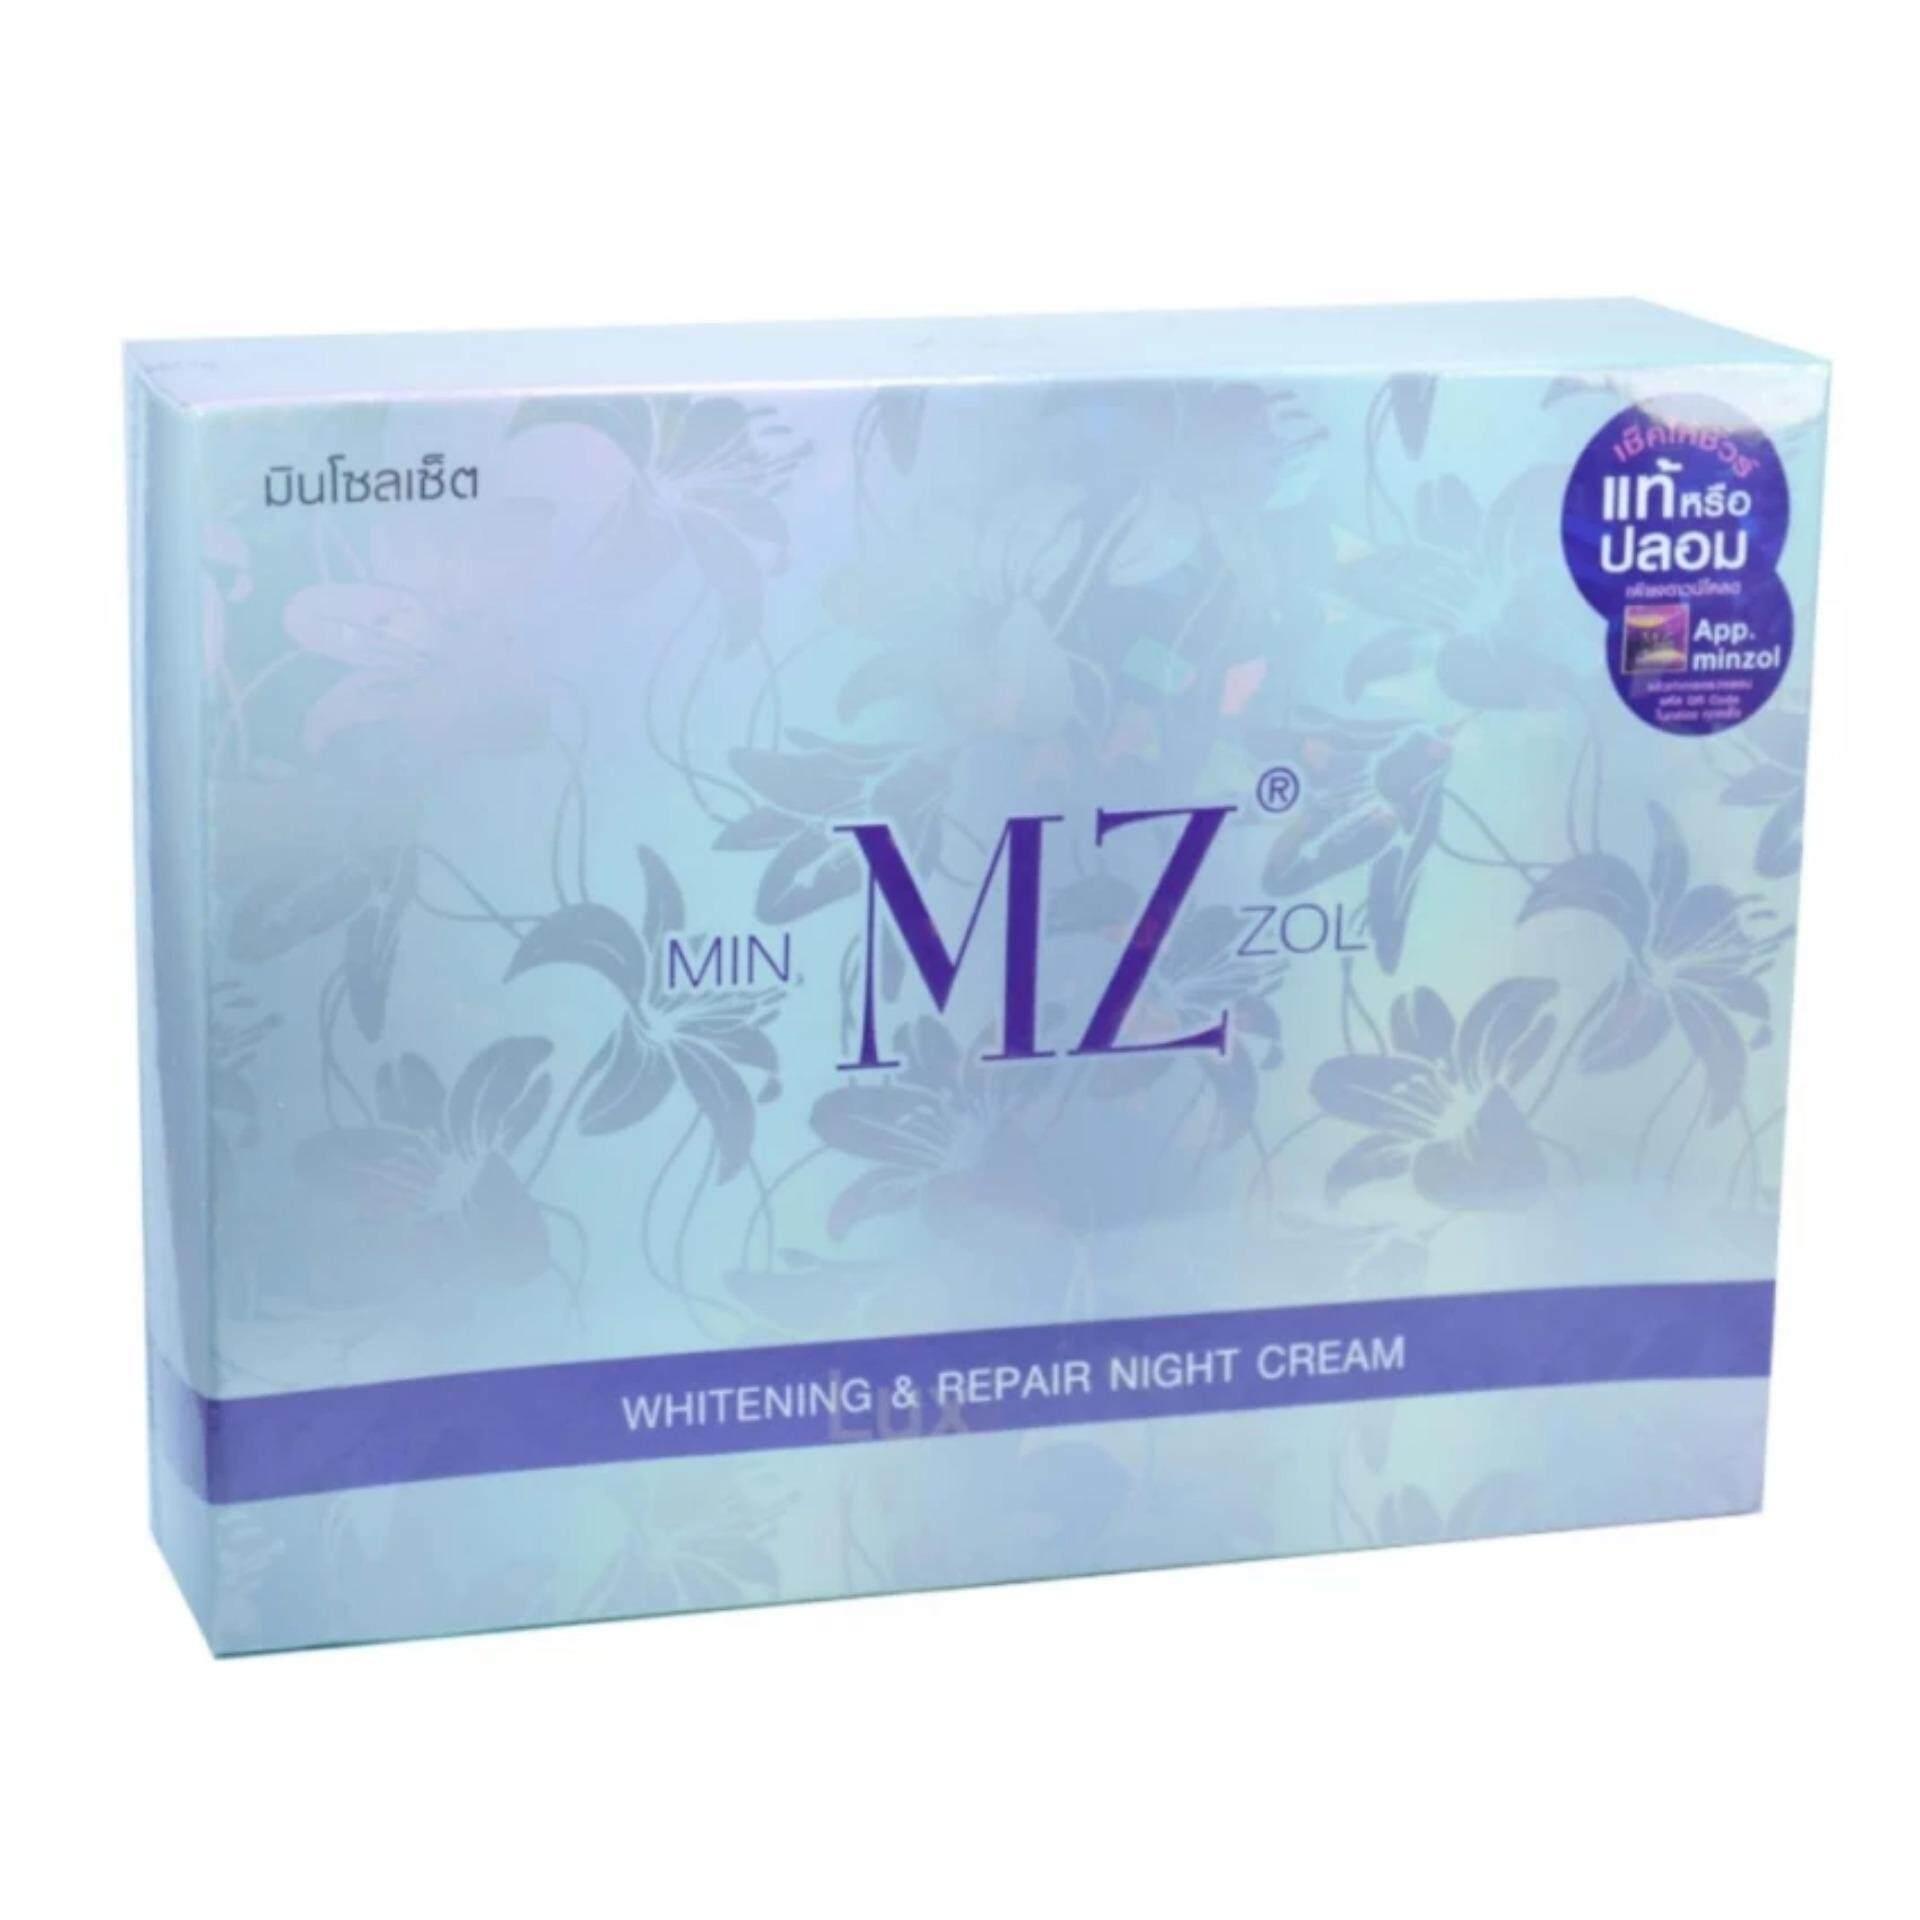 ลดราคา ถูกที่สุด MinZol ครีมมินโซว หน้าขาว กระจ่างใส ไร้สิว x1เซ็ท (ของแท้100%) เห็นผลทันตา